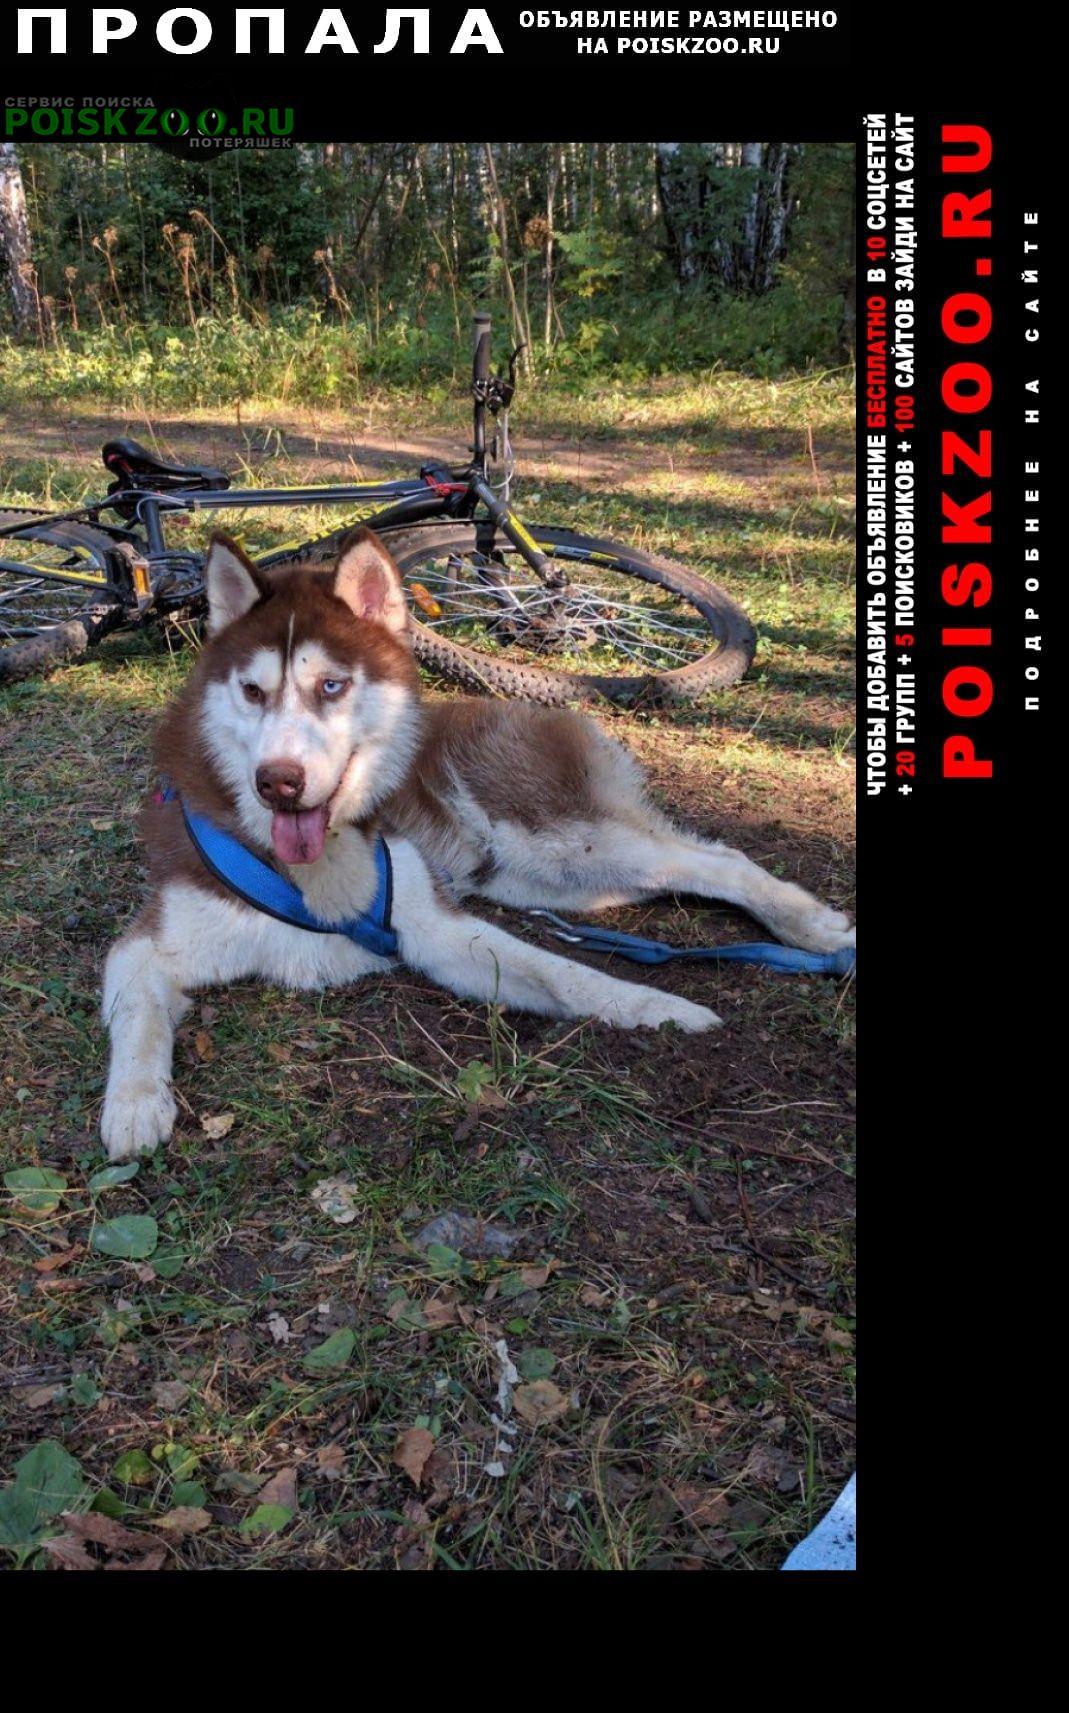 Пропала собака кобель хаски Арамиль